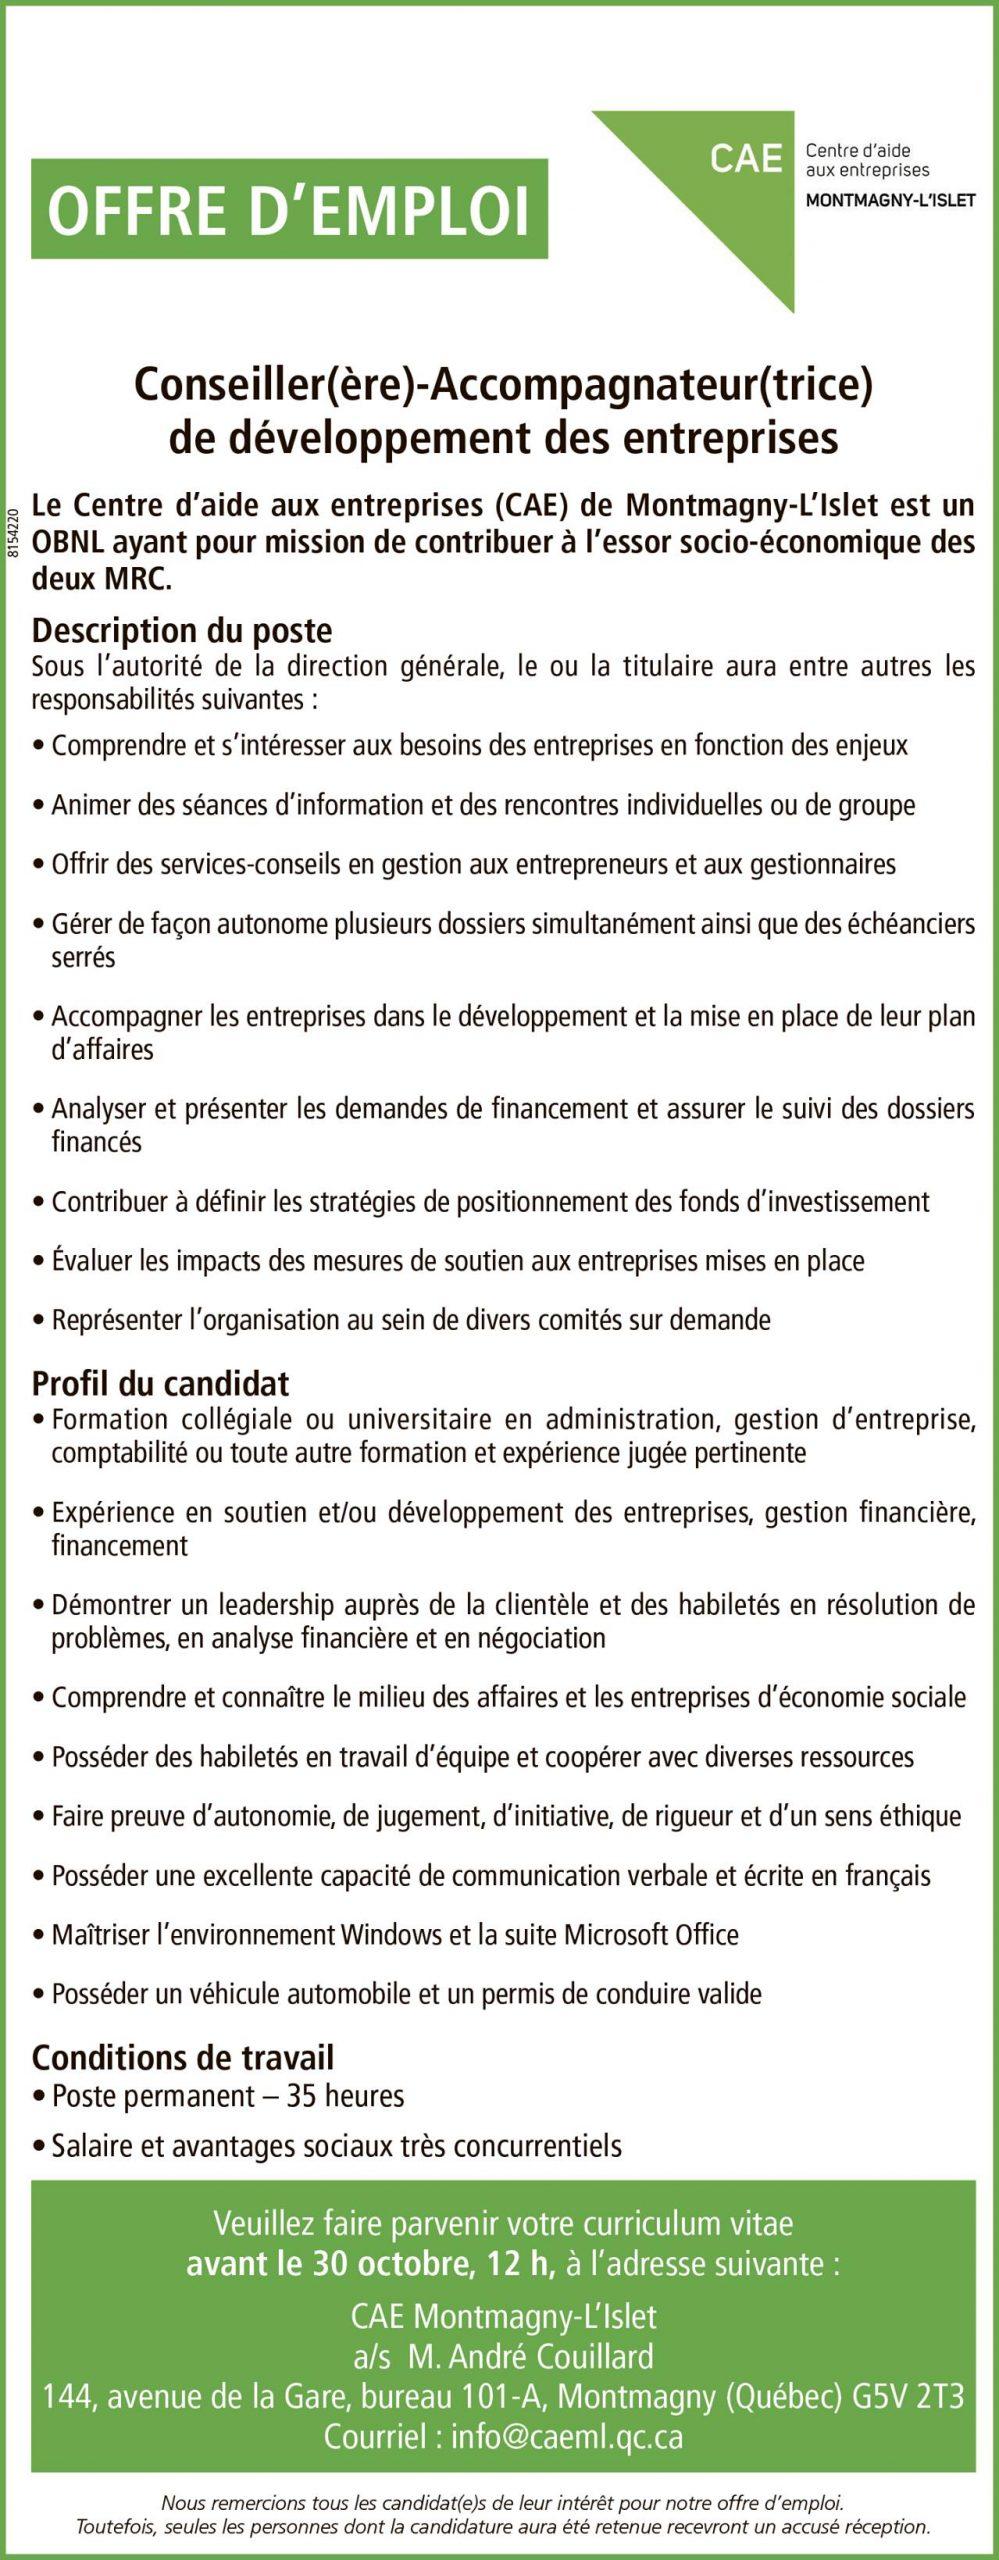 OFFRE D'EMPLOI – CONSEILLIER(ÈRE)-ACCOMPAGNATEUR(TRICE)